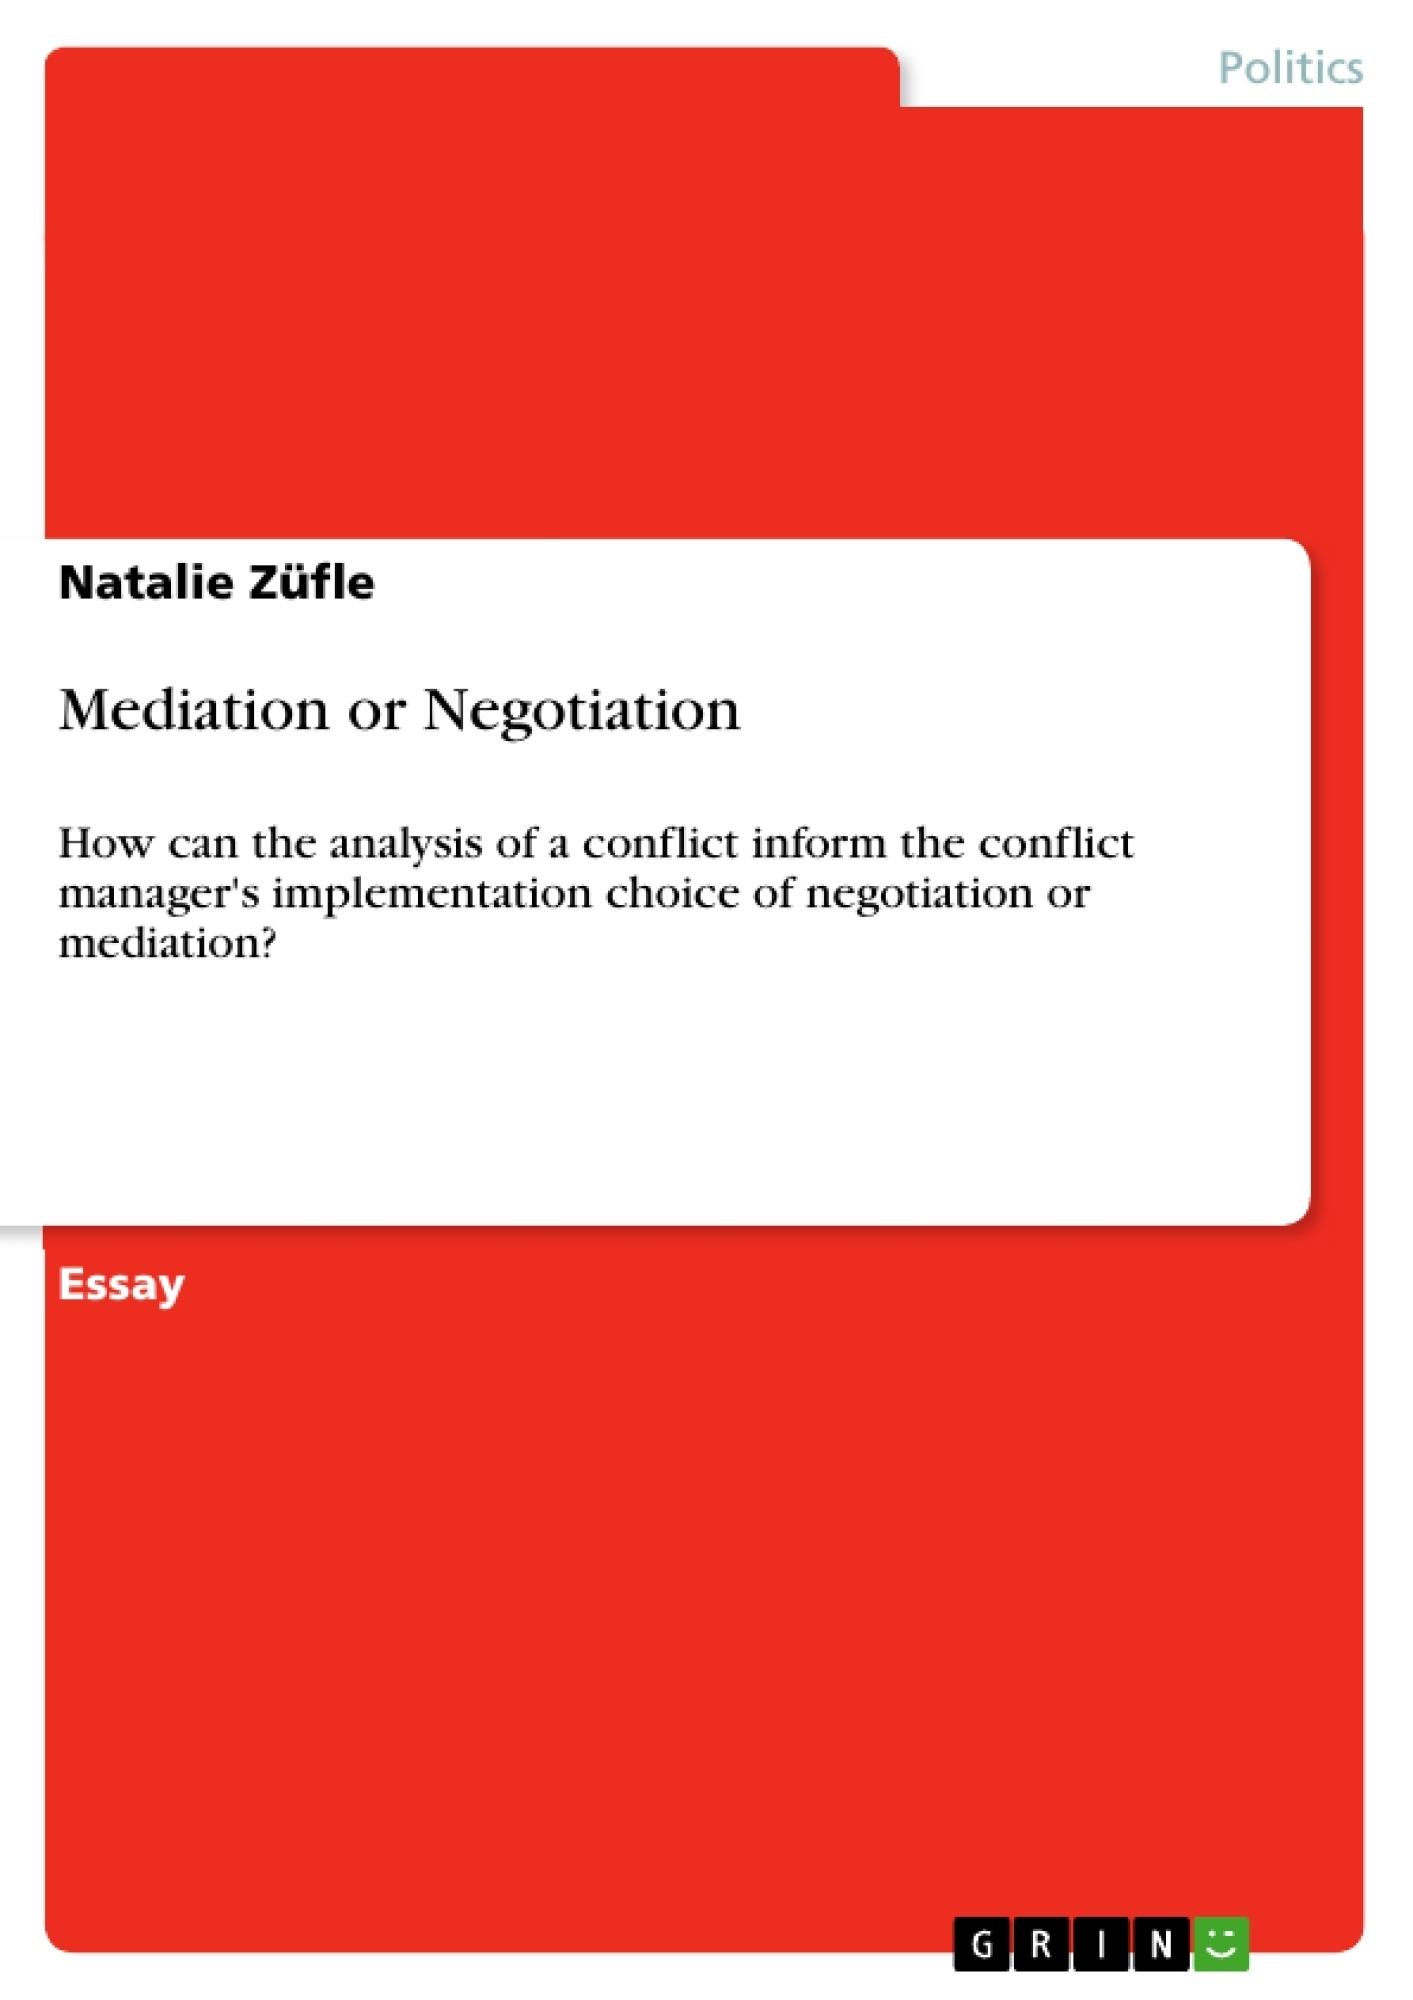 Title: Mediation or Negotiation